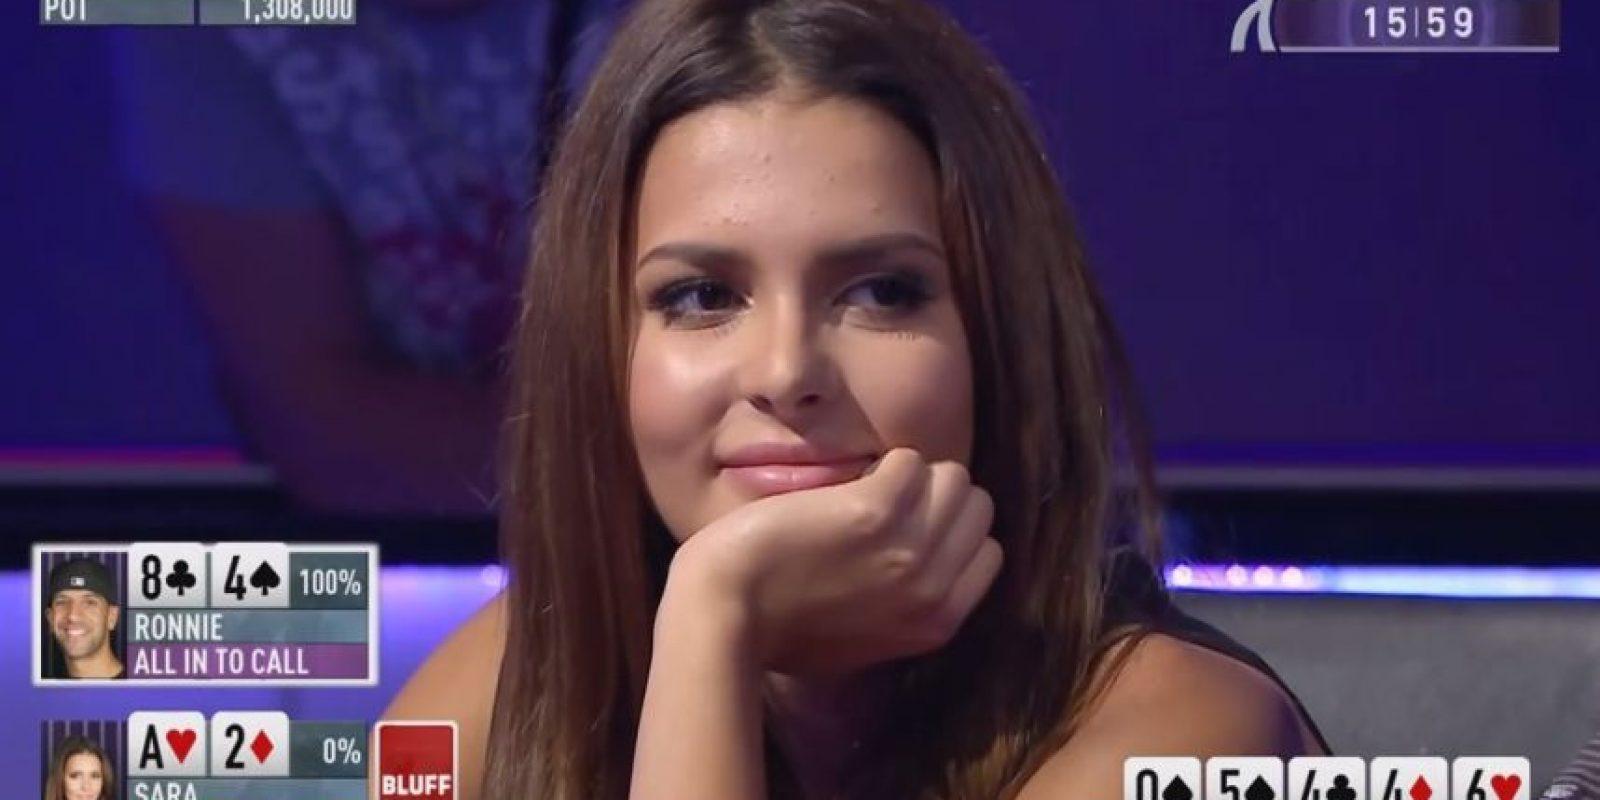 Ella apostó toda su bolsa y ganó la partida Foto:Youtube: PokerStarsMir